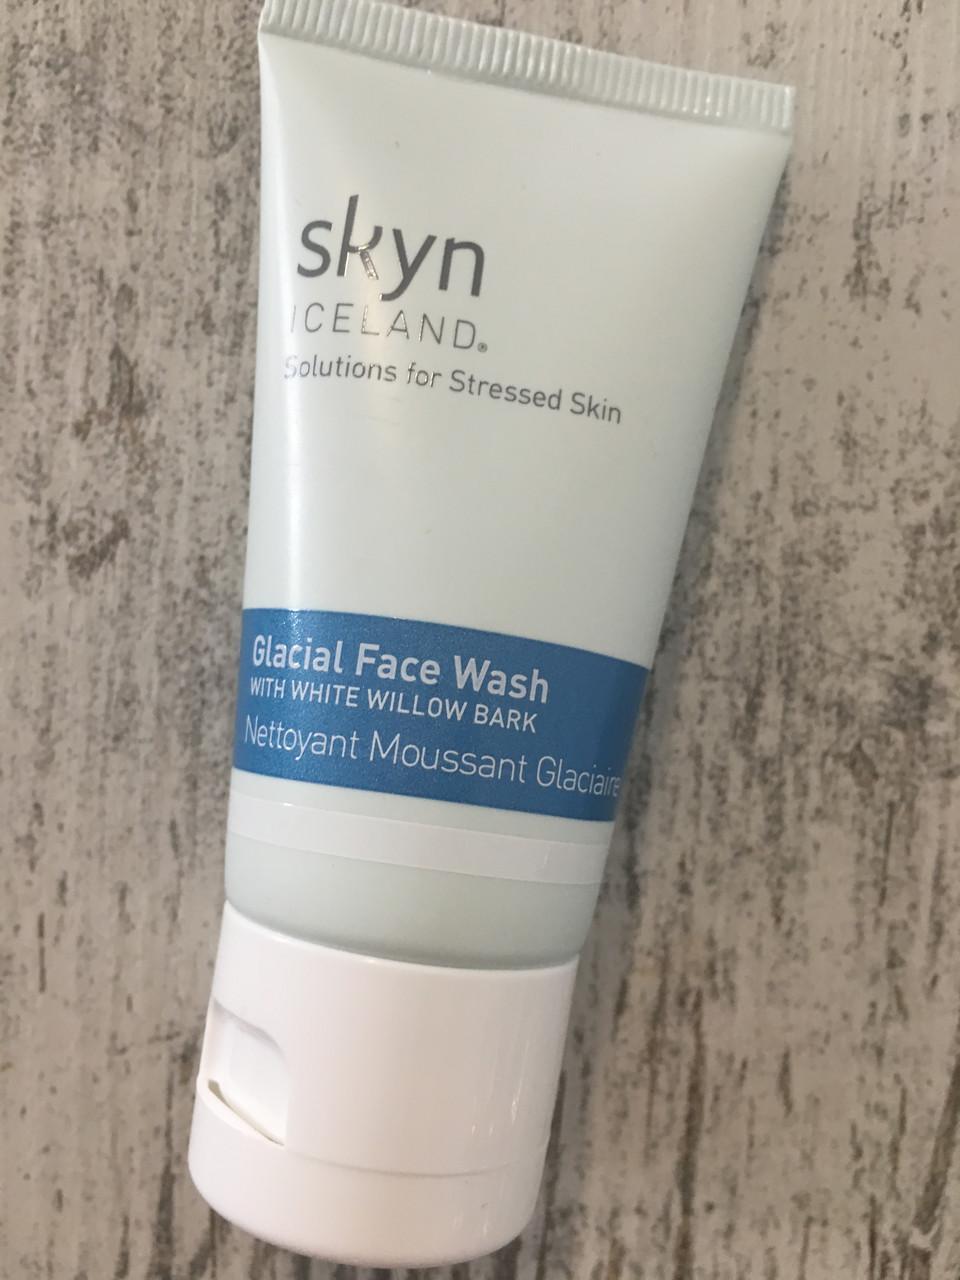 Кремообразный мусс для глубокого очищения кожи SKYN ICELAND